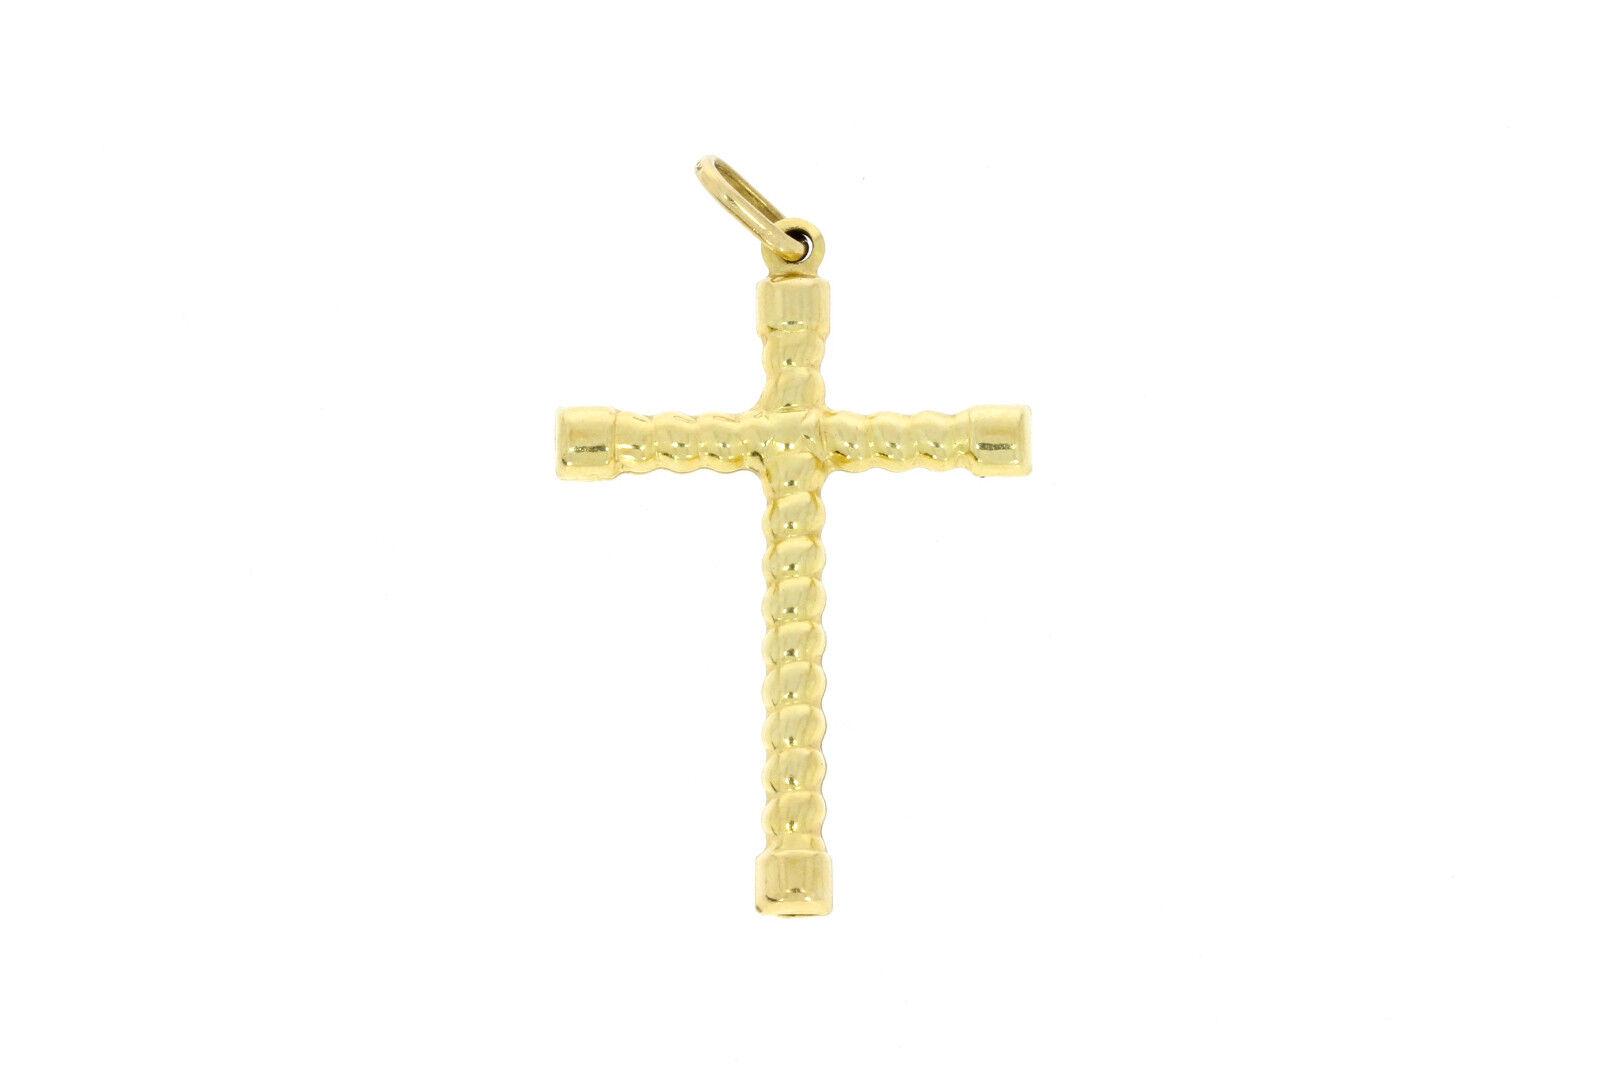 A1070-585er Tricolorgold Kreuzanhänger Maße 45x26 mm Gewicht 2,2 Gramm